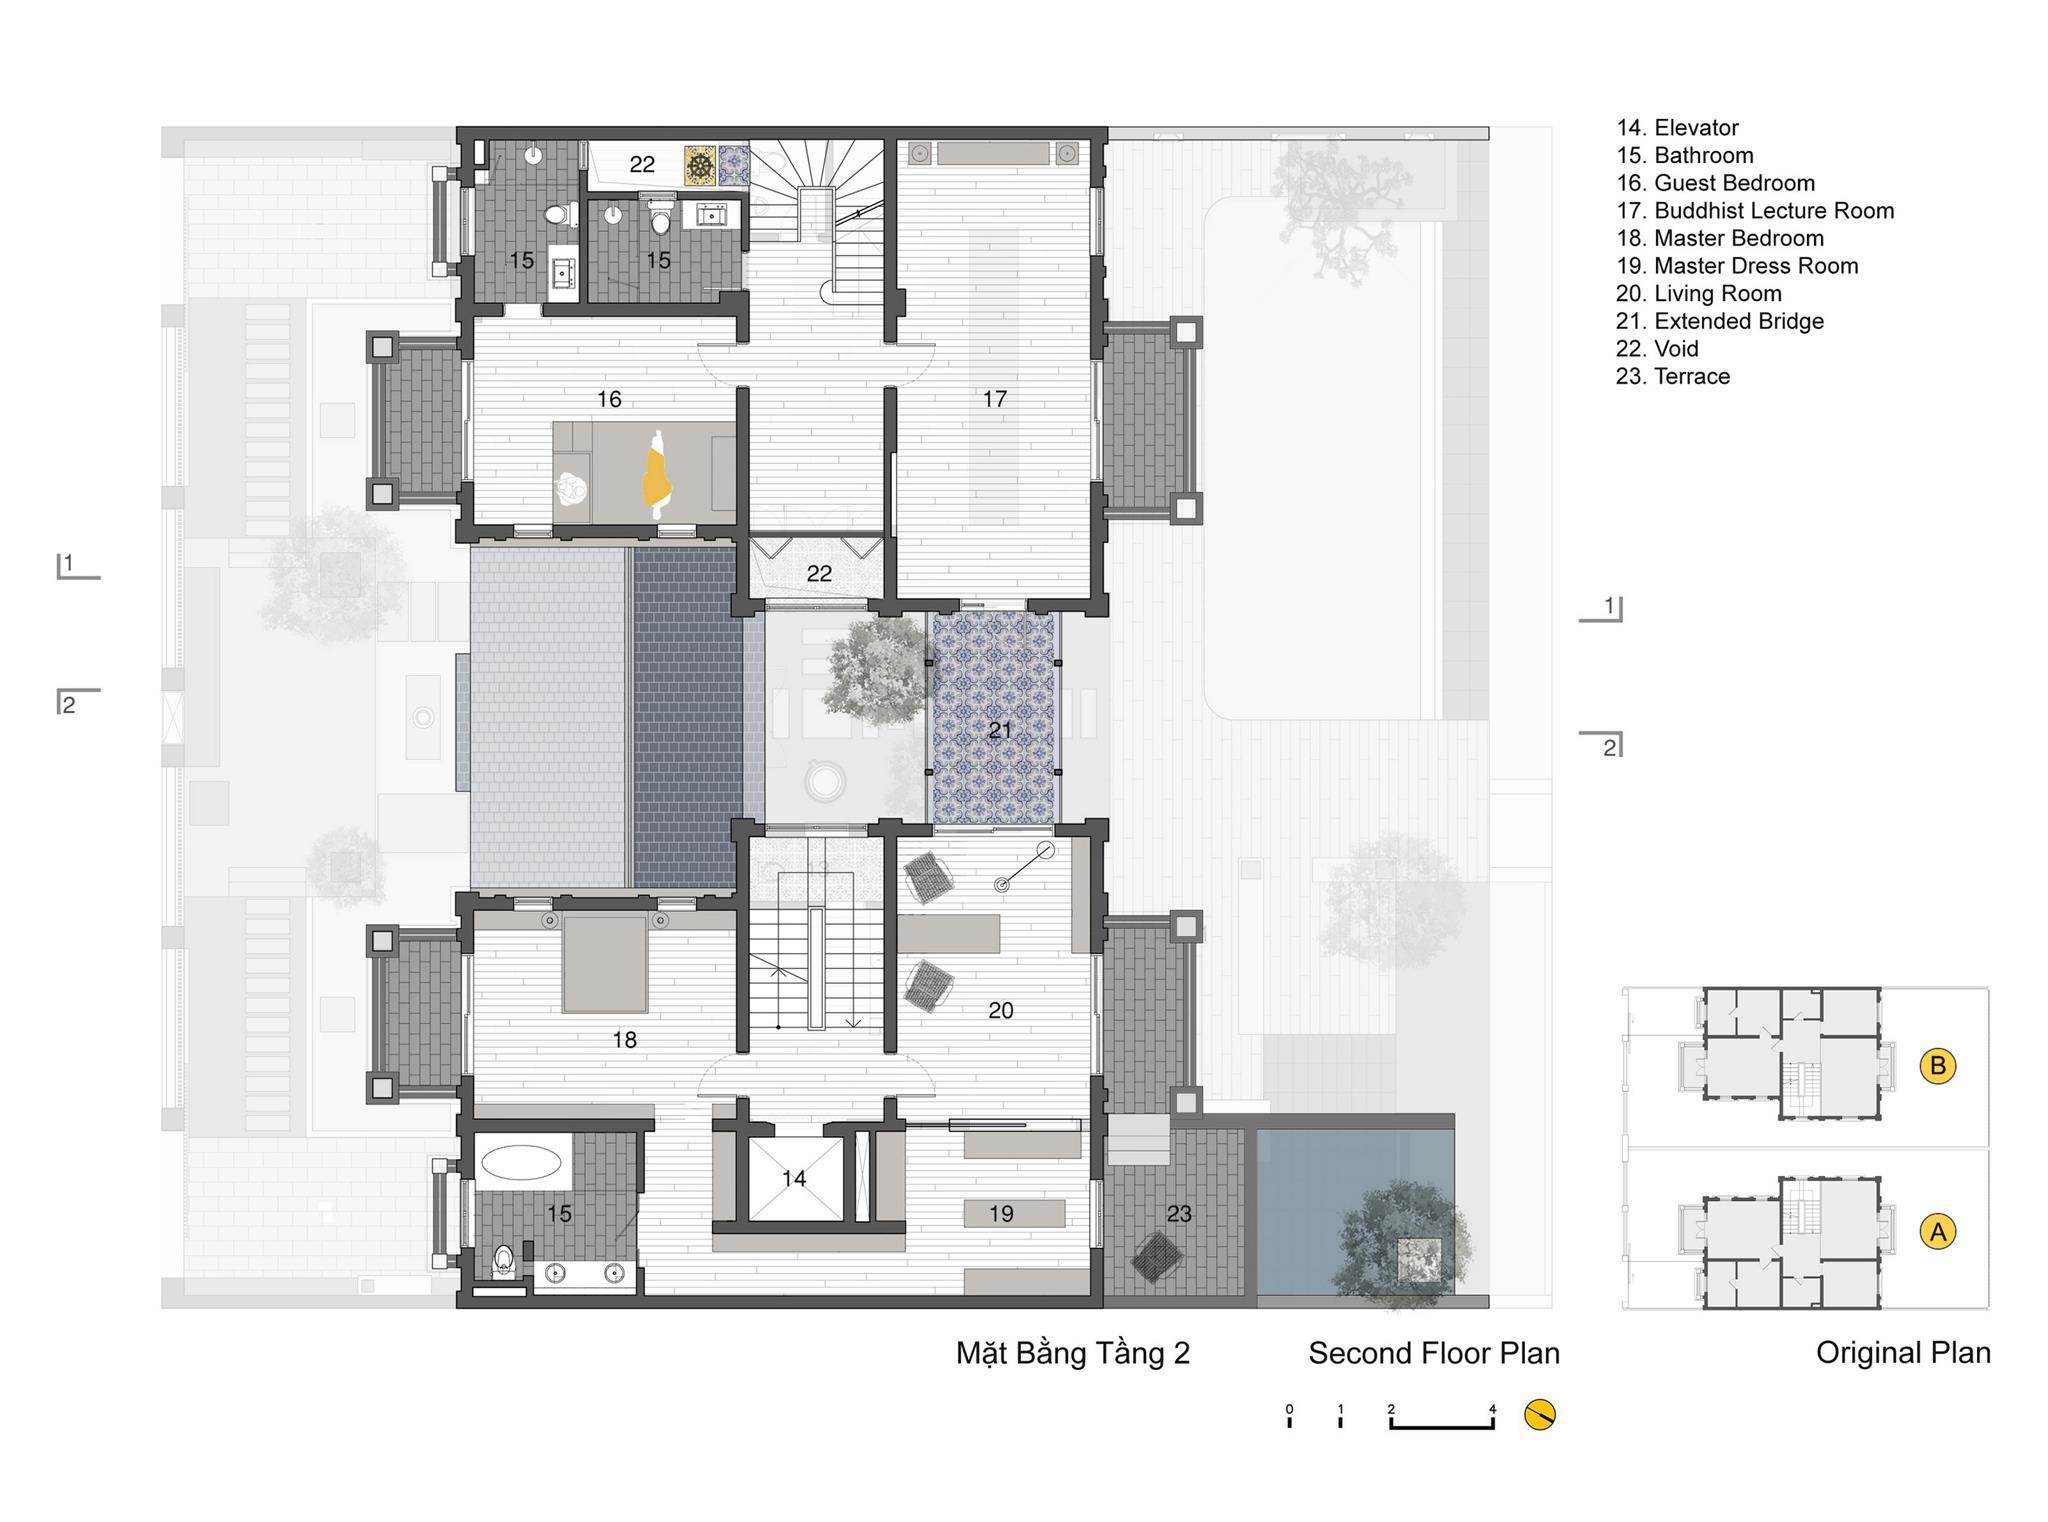 31-Second Floor Plan (Copy)